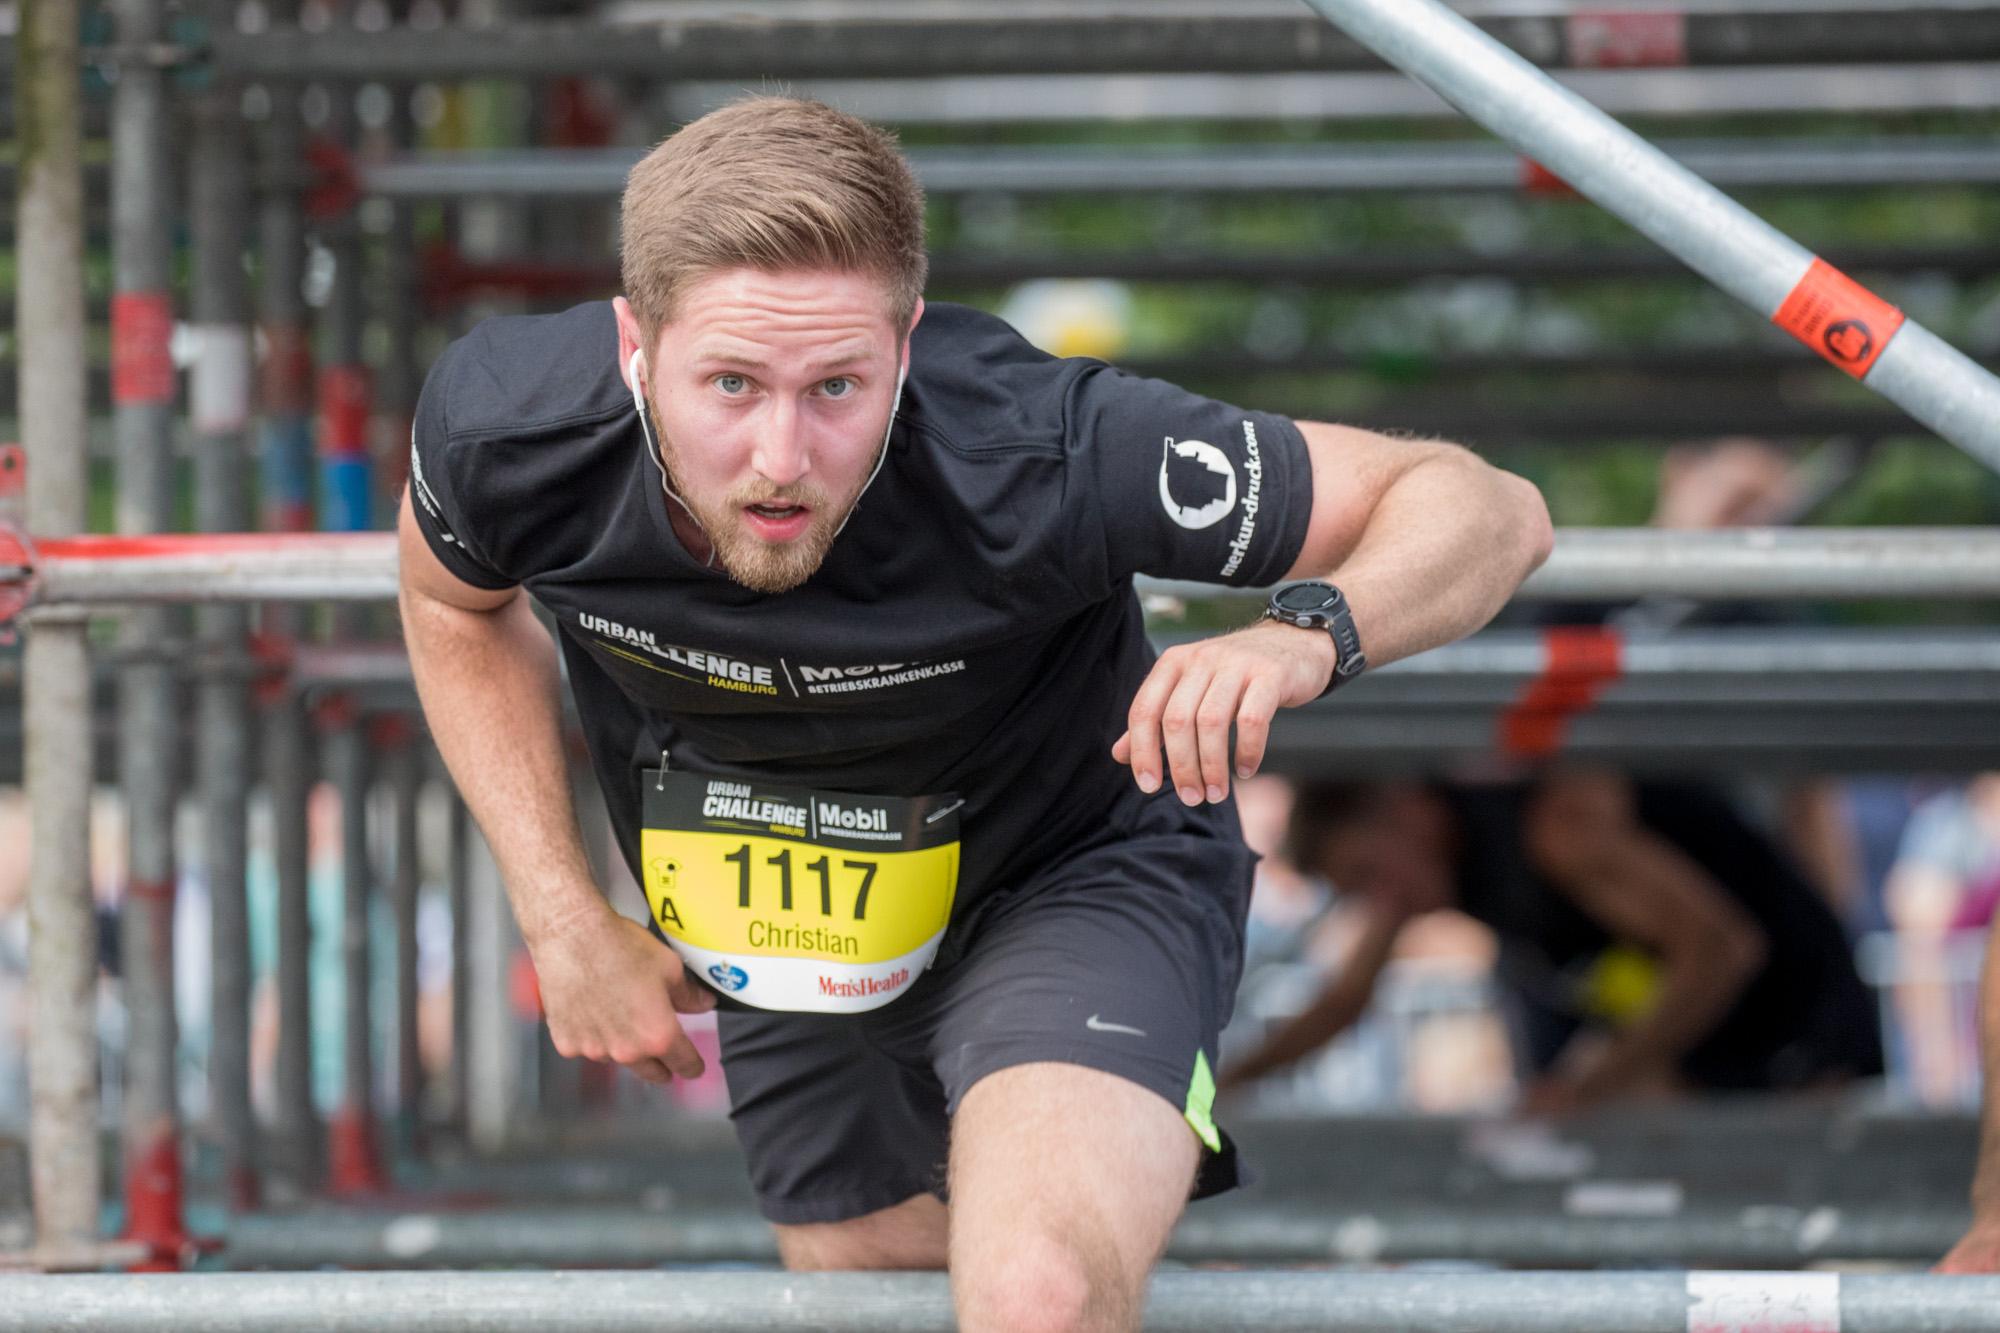 Eure Bilder auf Runner's World